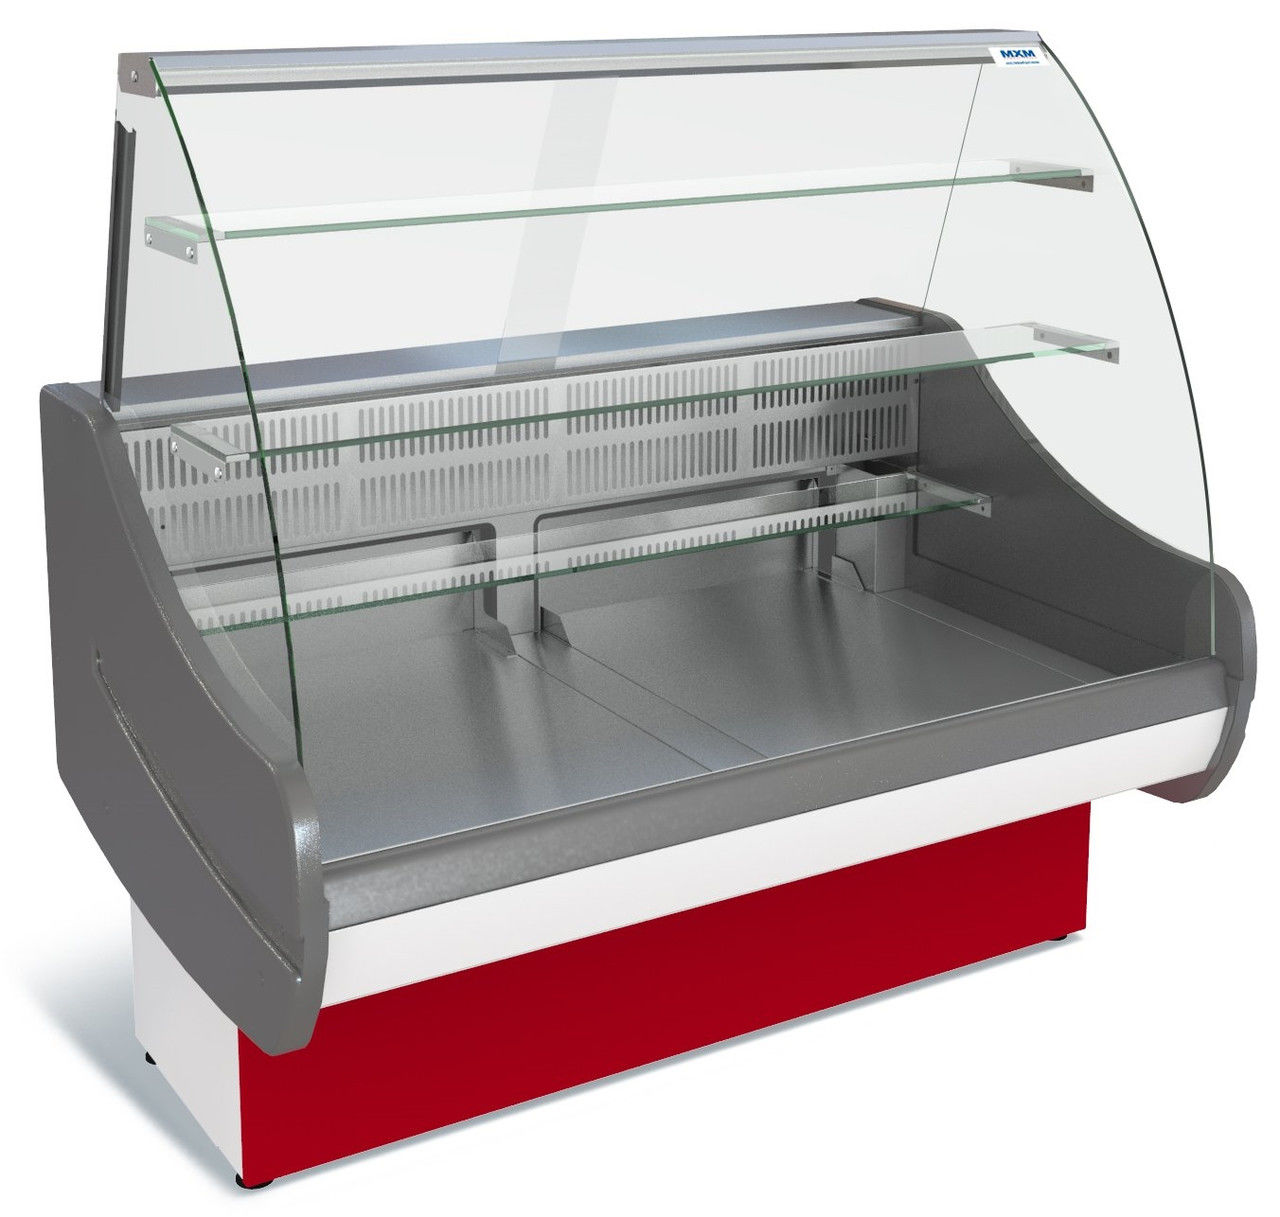 Холодильна вітрина Таїр 1,2 1,5 ВХСд МХМ (демонстраційна)